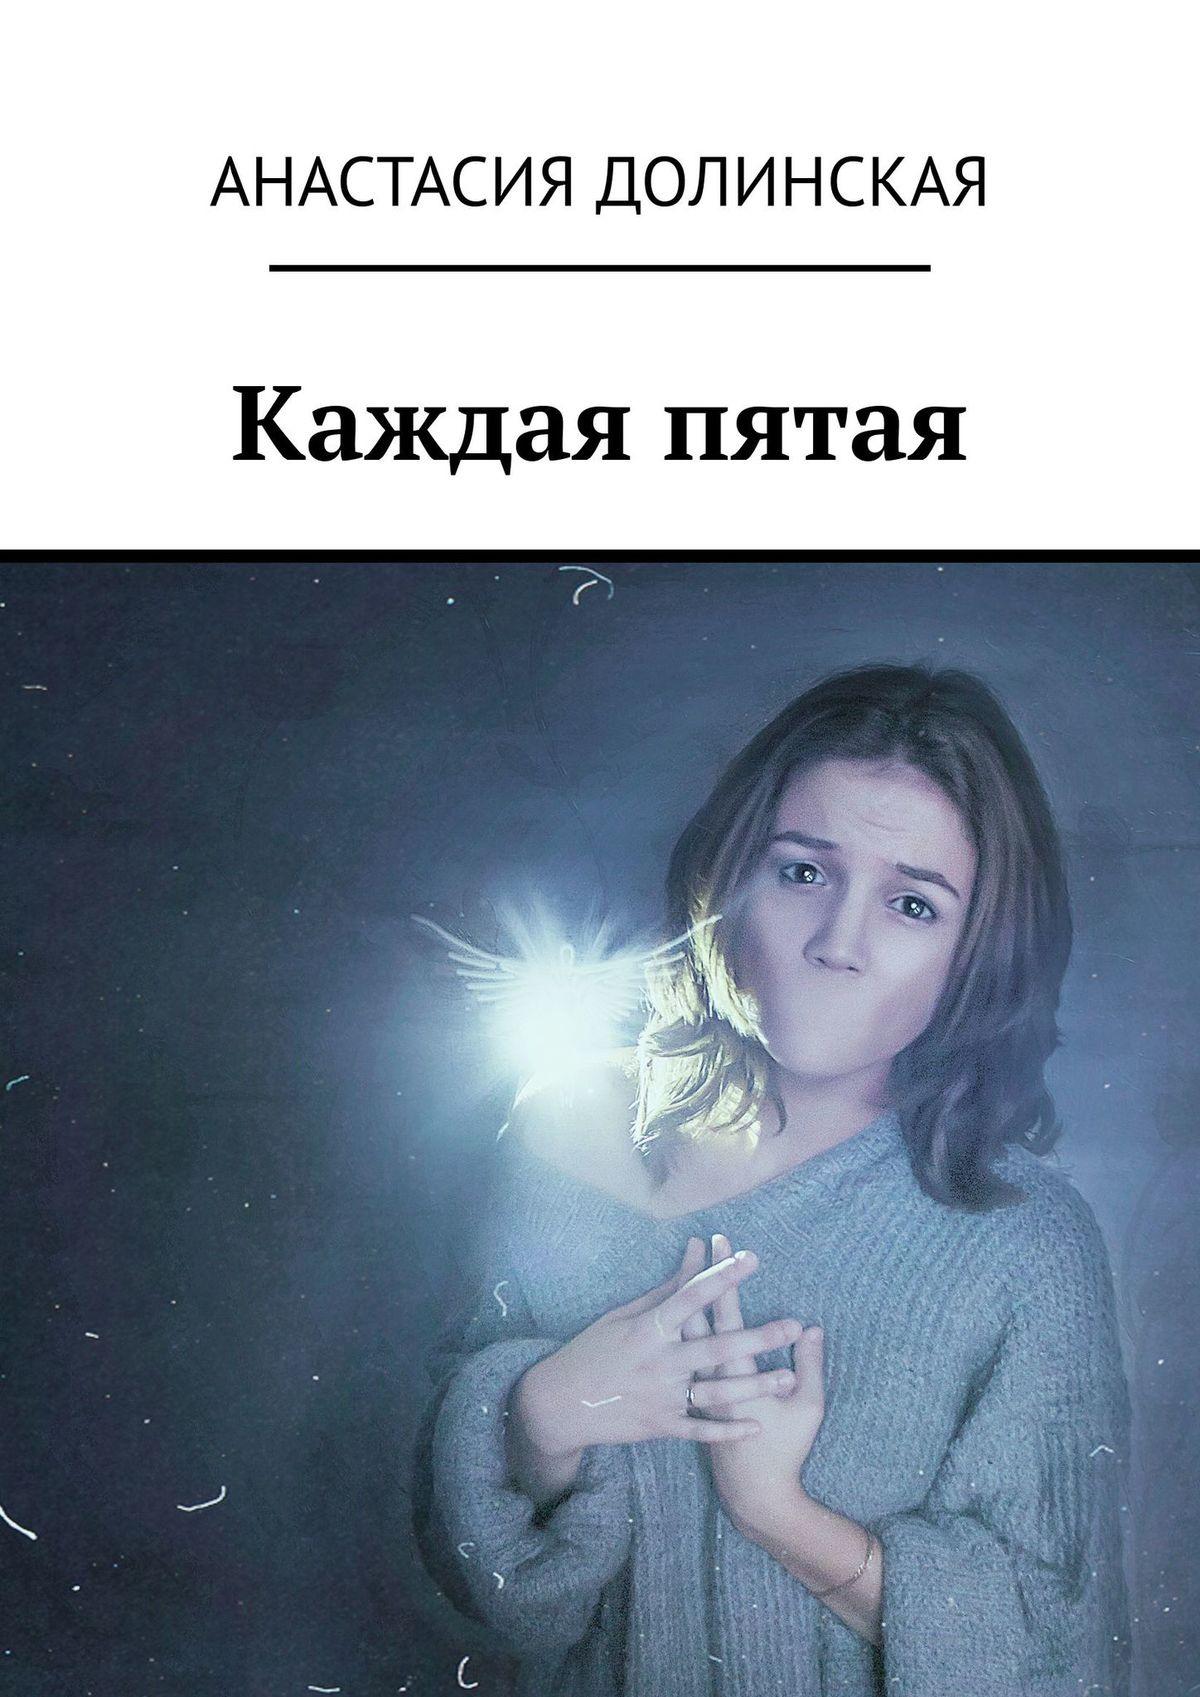 Анастасия Долинская Каждая пятая воскобойников в жизнь замечательных детей книга пятая